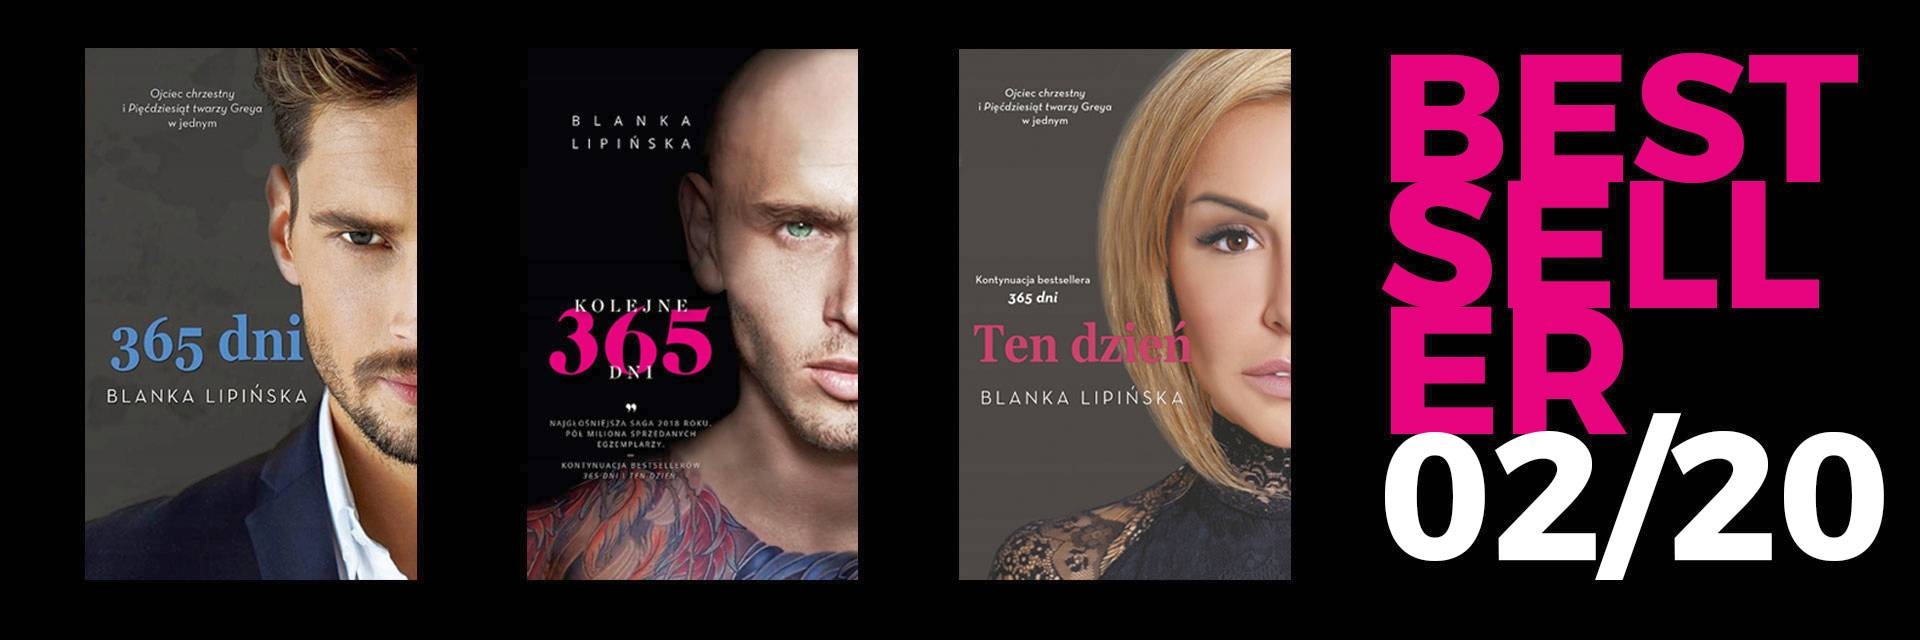 Bestseller 02/20 Blanka Lipińska